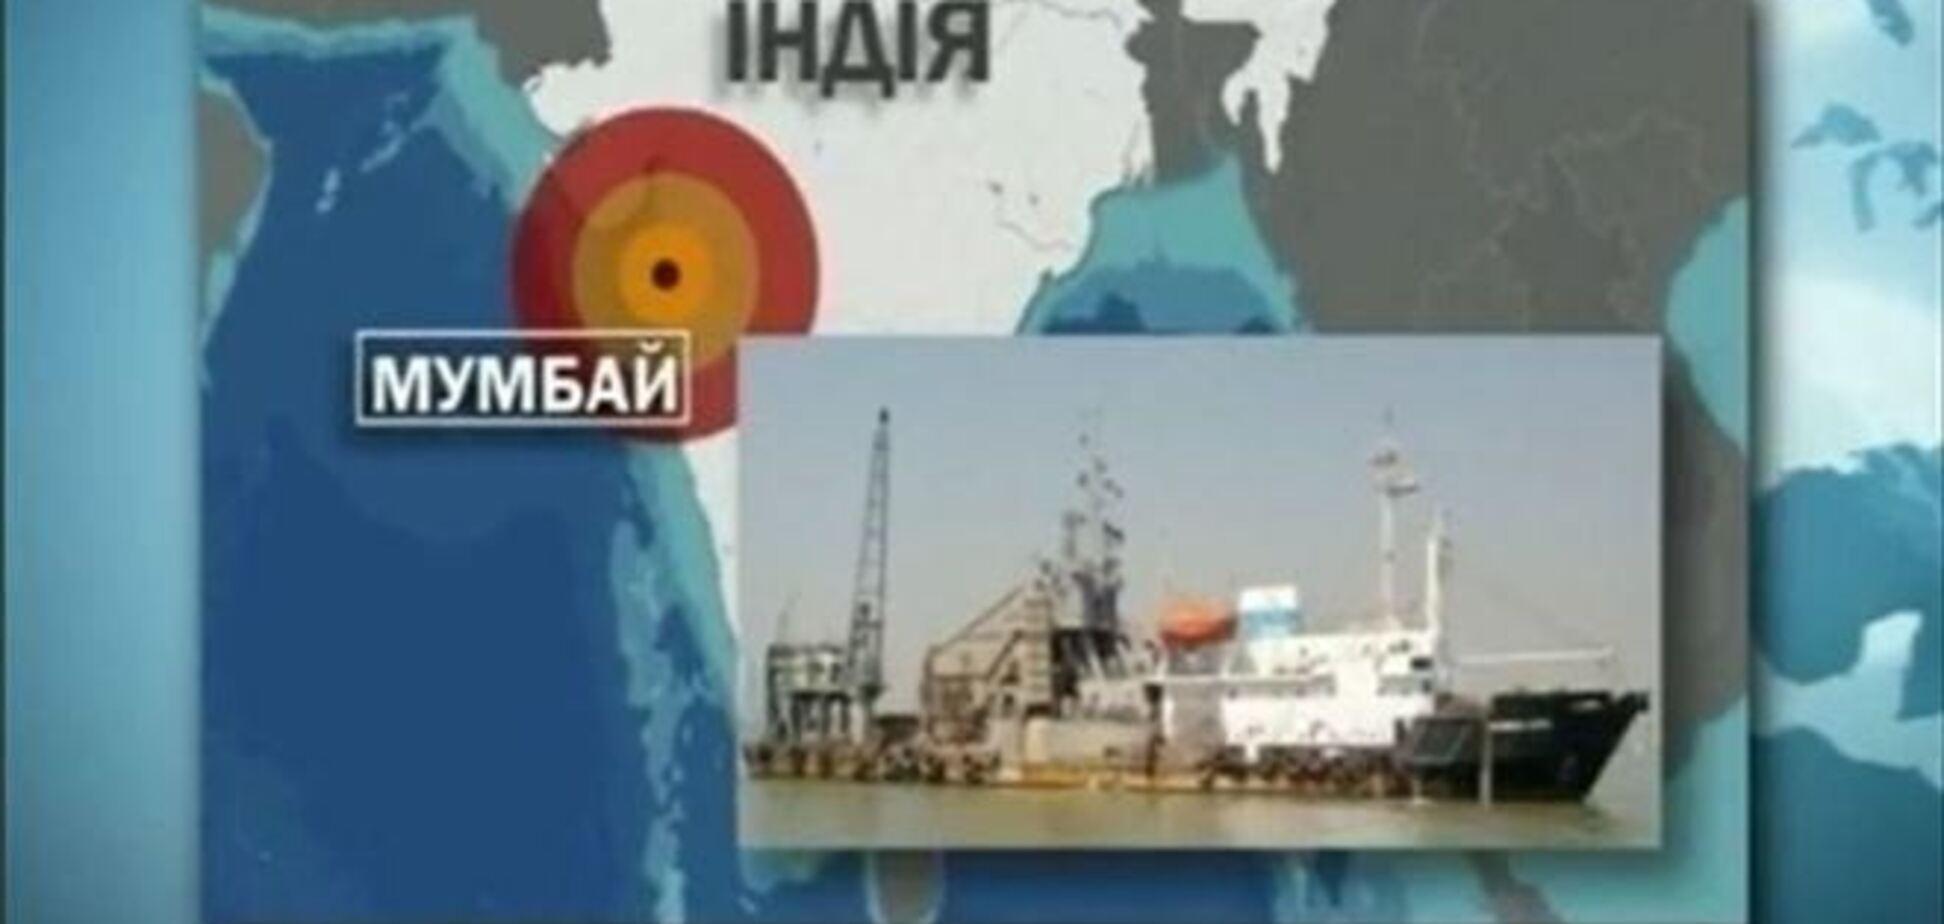 Украинские моряки в Мумбаи: пятеро вернулись домой